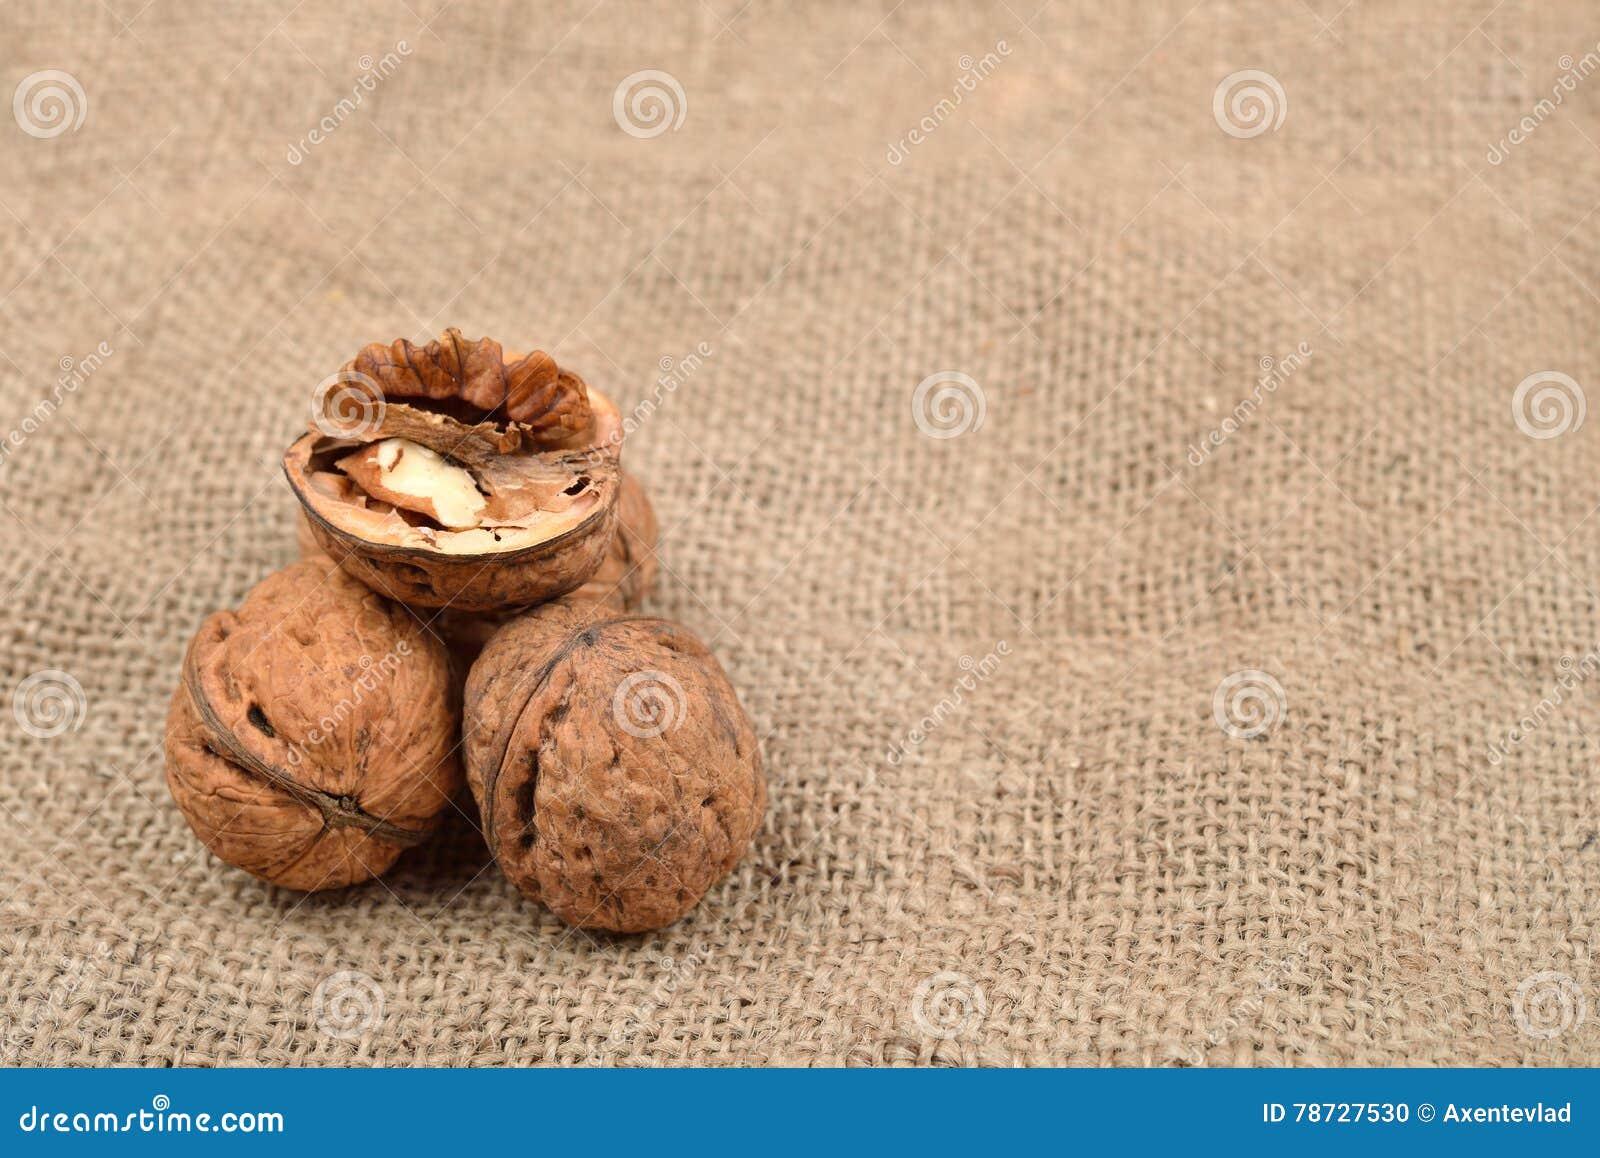 Hela och brutna valnötter på jutebakgrund sund mat selec